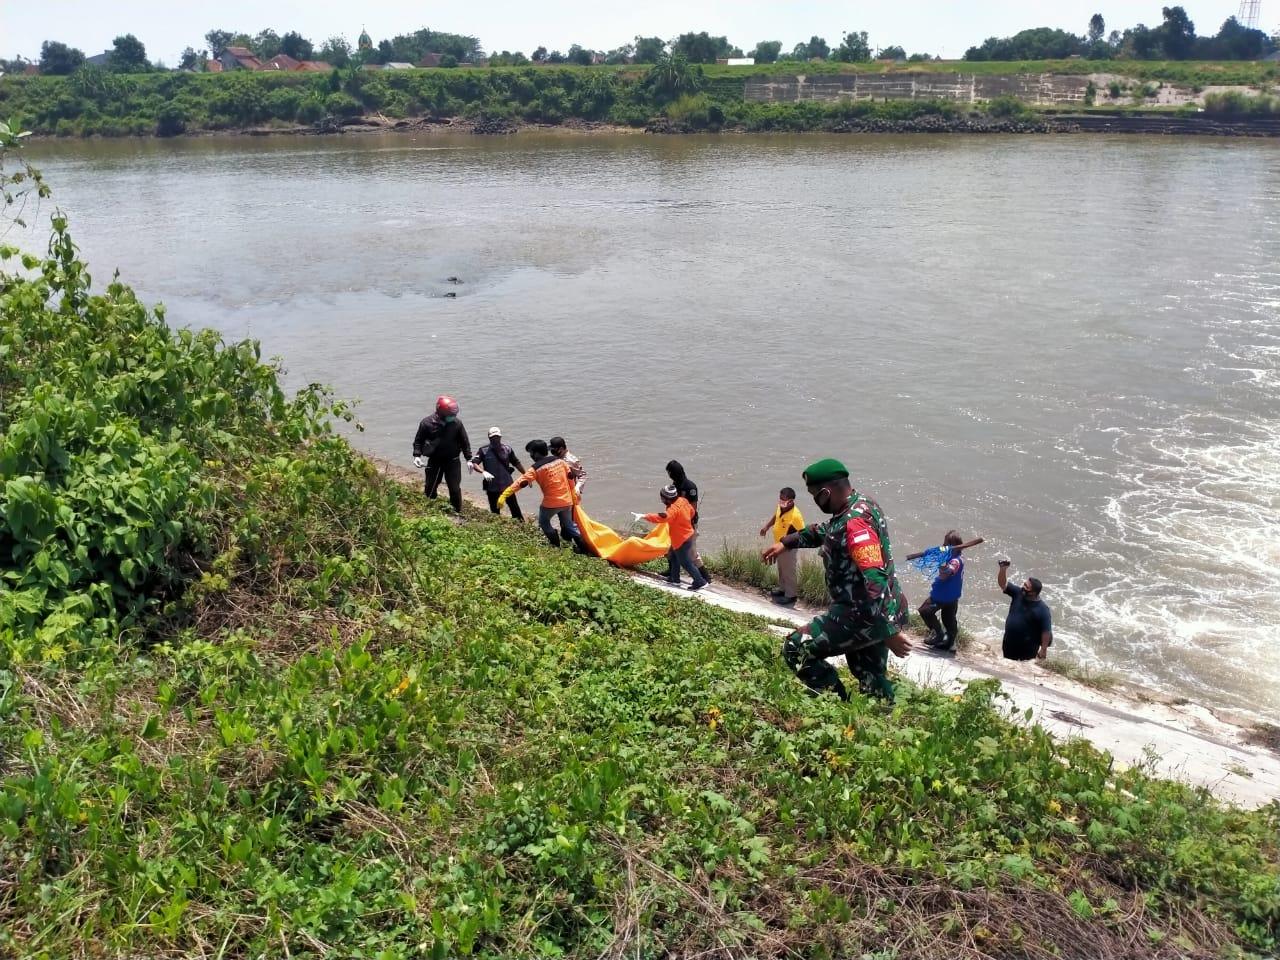 Mayat Pria Tanpa Celana Ditemukan di Bendungan Sungai Brantas Jombang